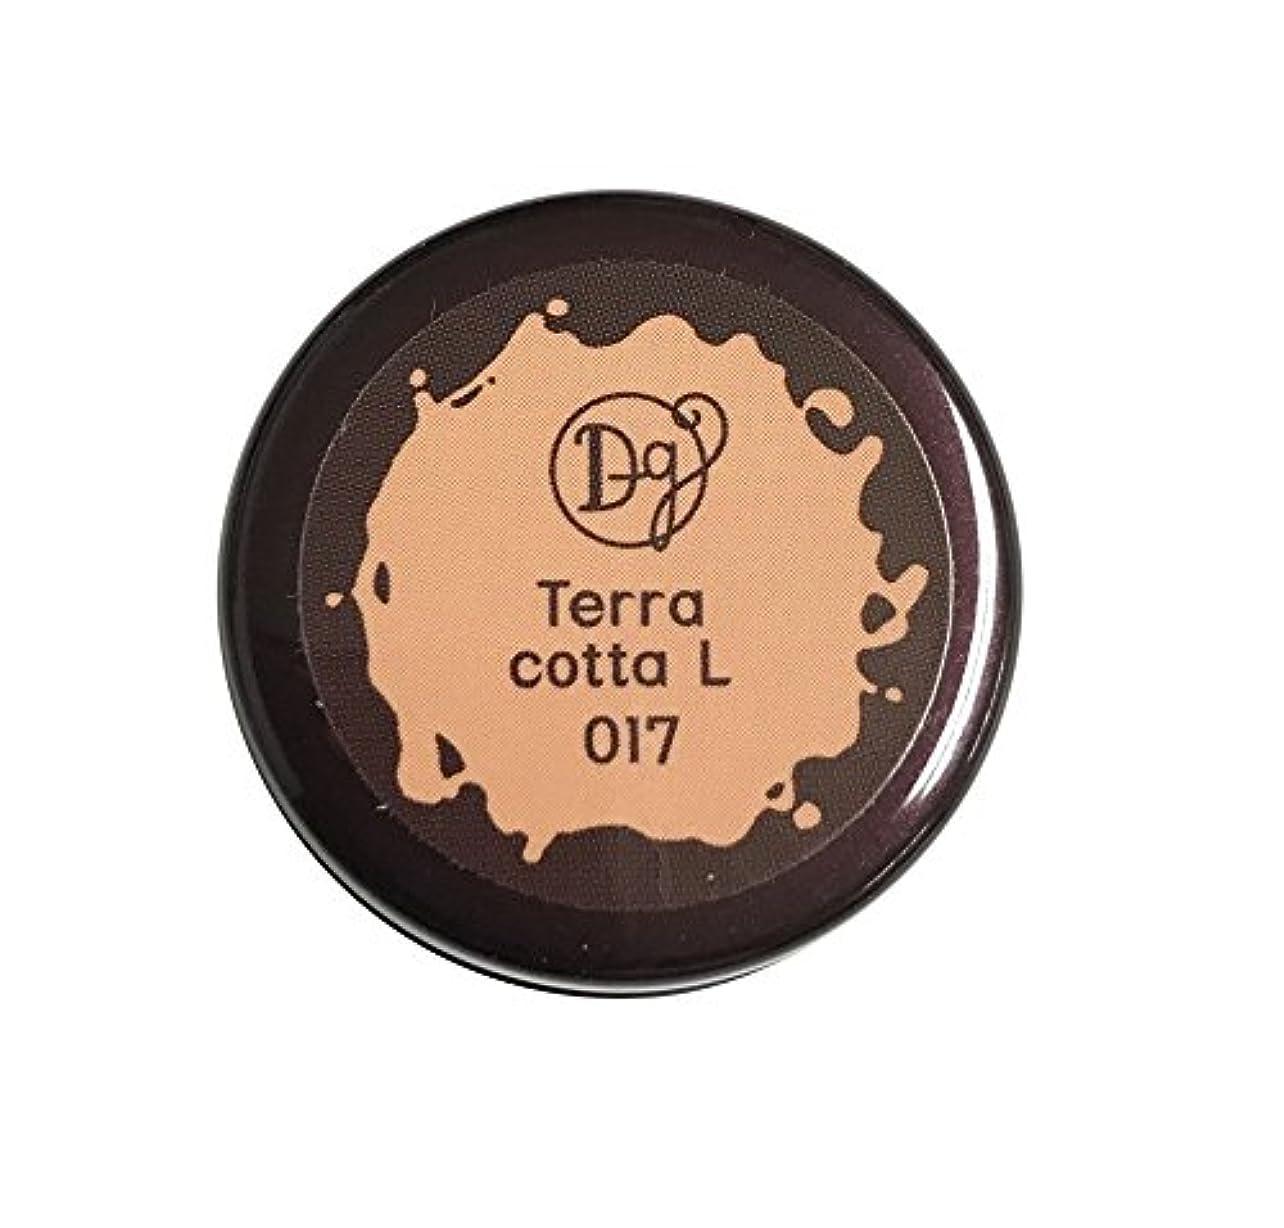 デコラガール カラージェル 017 テラコッタライト 3g